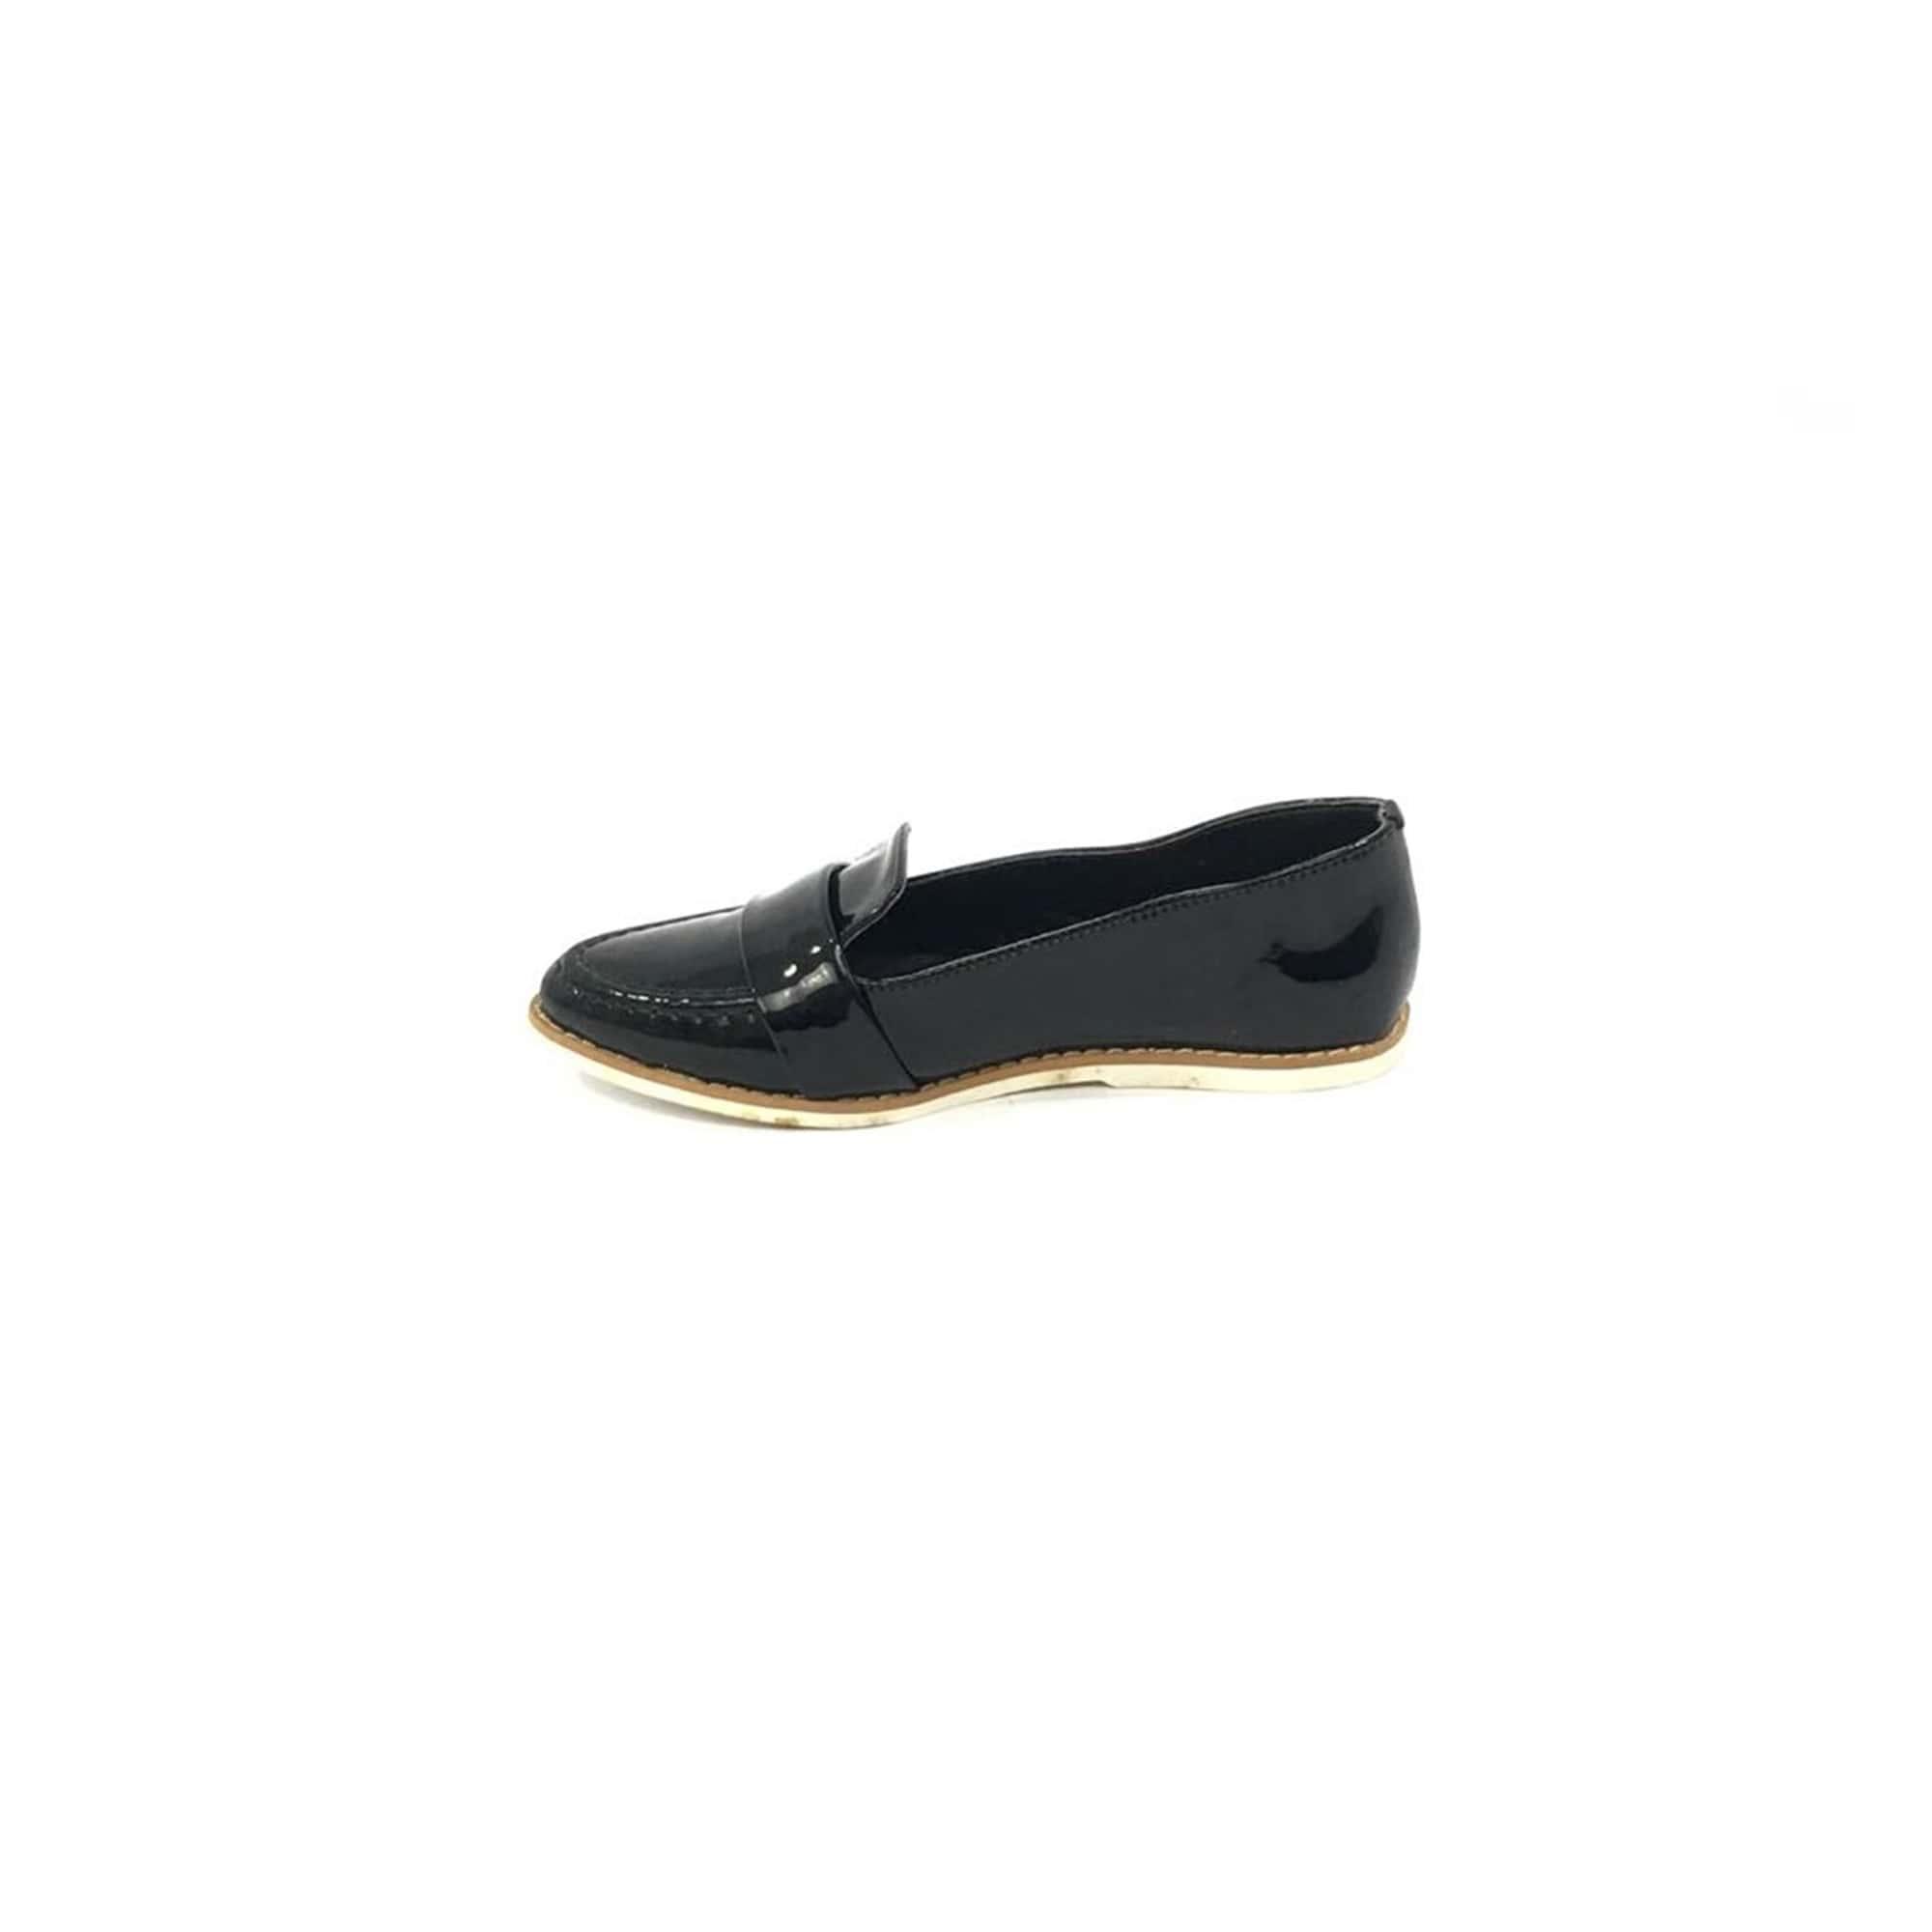 Sapato Feminino Menina Rio 240.5998